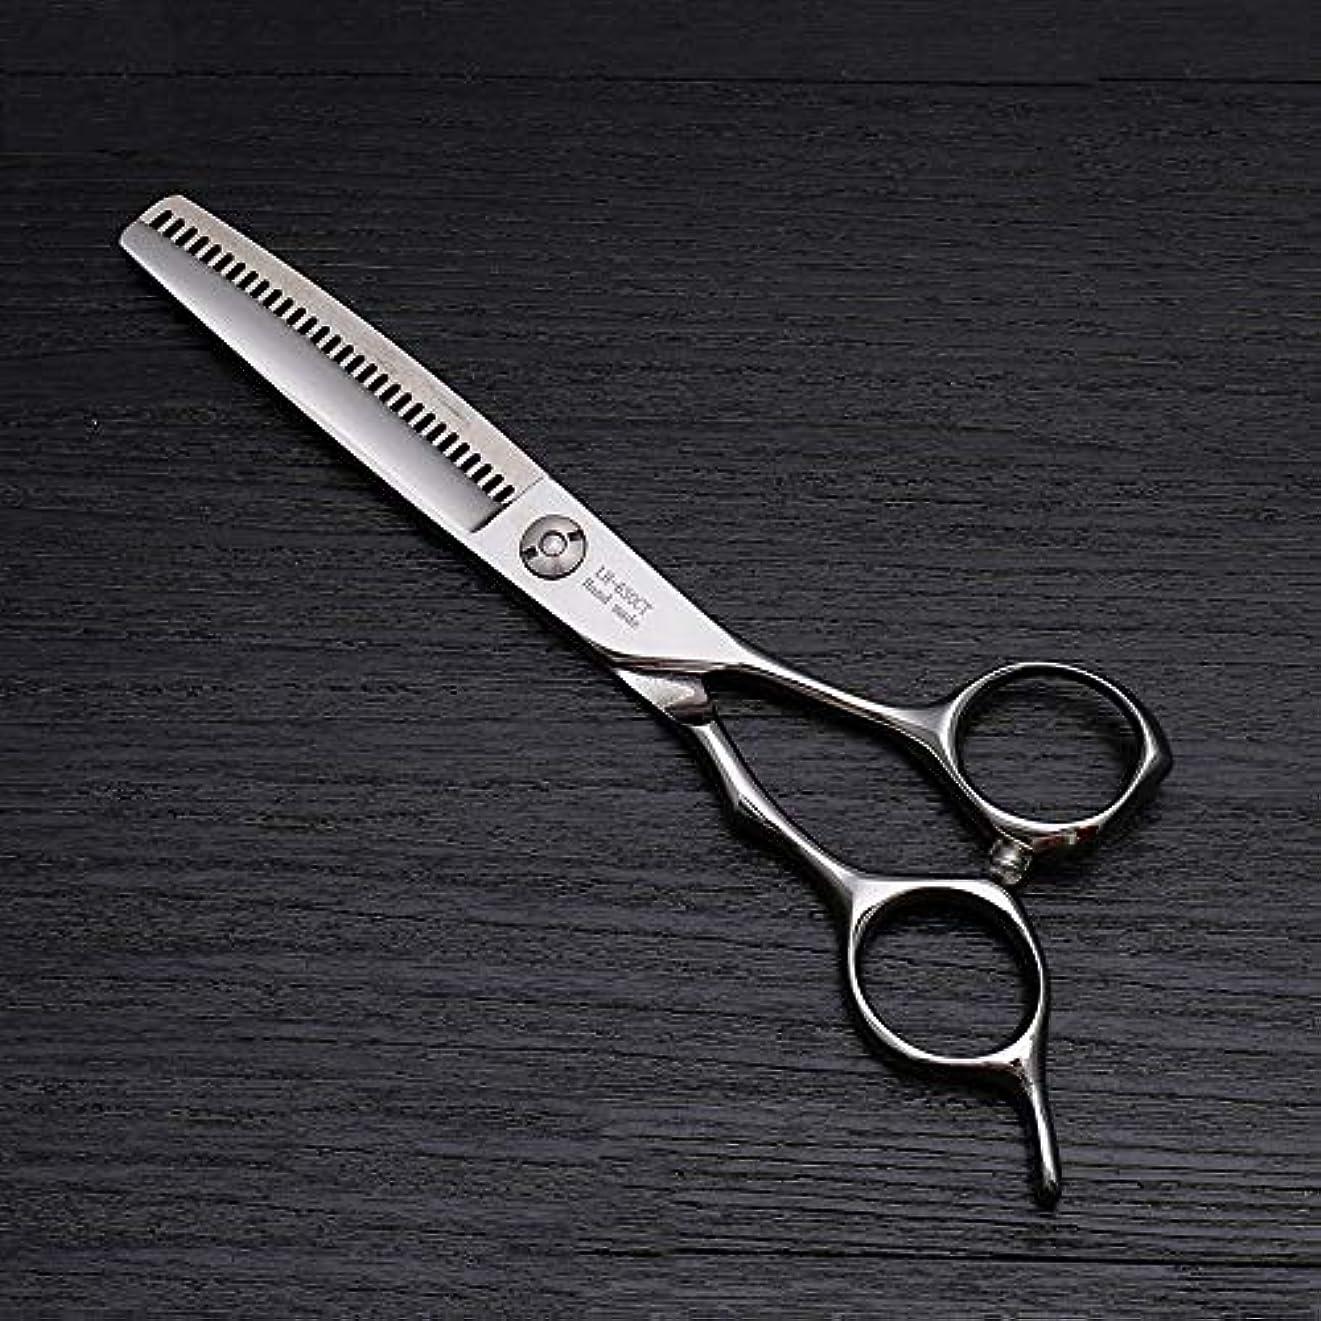 温度見捨てる塊理髪用はさみ 6インチのヘアカットはさみ、ハイエンドの美容院の特別な髪のはさみの毛の切断はさみのステンレス製の理髪師のはさみ (色 : Silver)